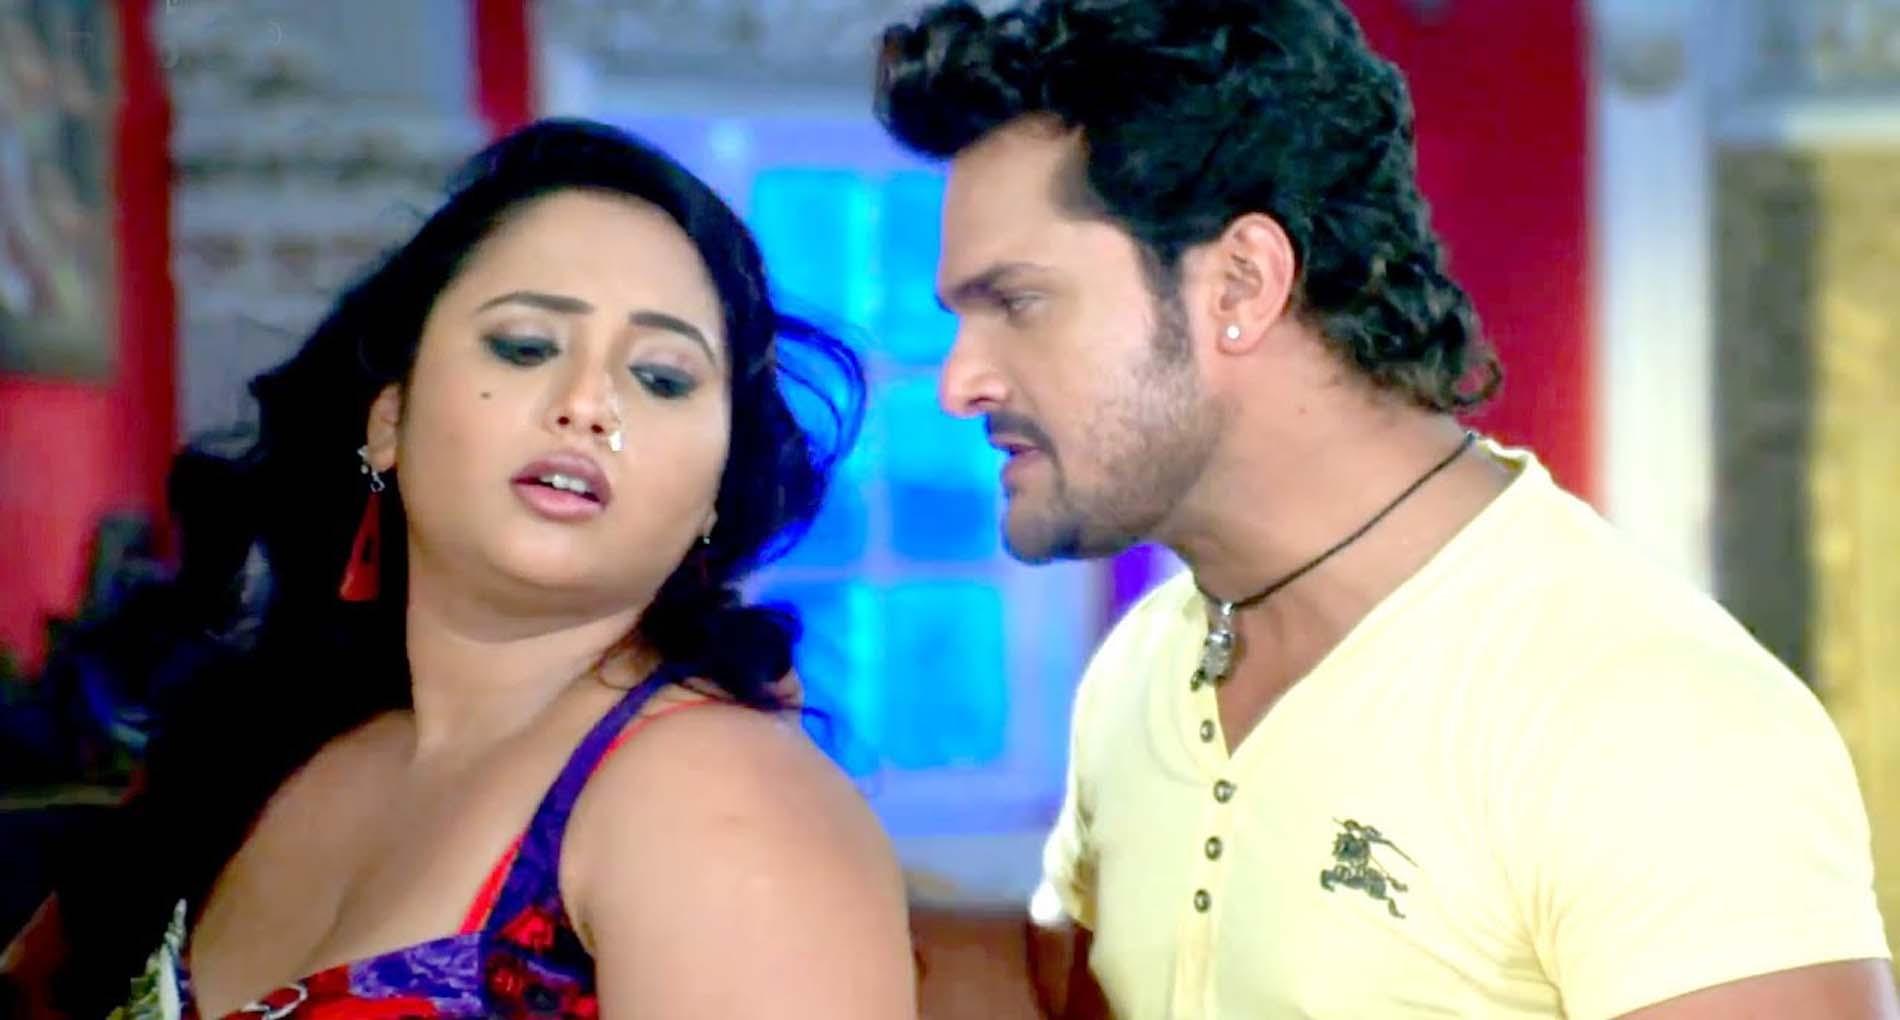 Rani Chatterjee Video Song: रानी चैटर्जी के प्यार से परेशान हुए खेसारी लाल! देखें वीडियो सॉन्ग